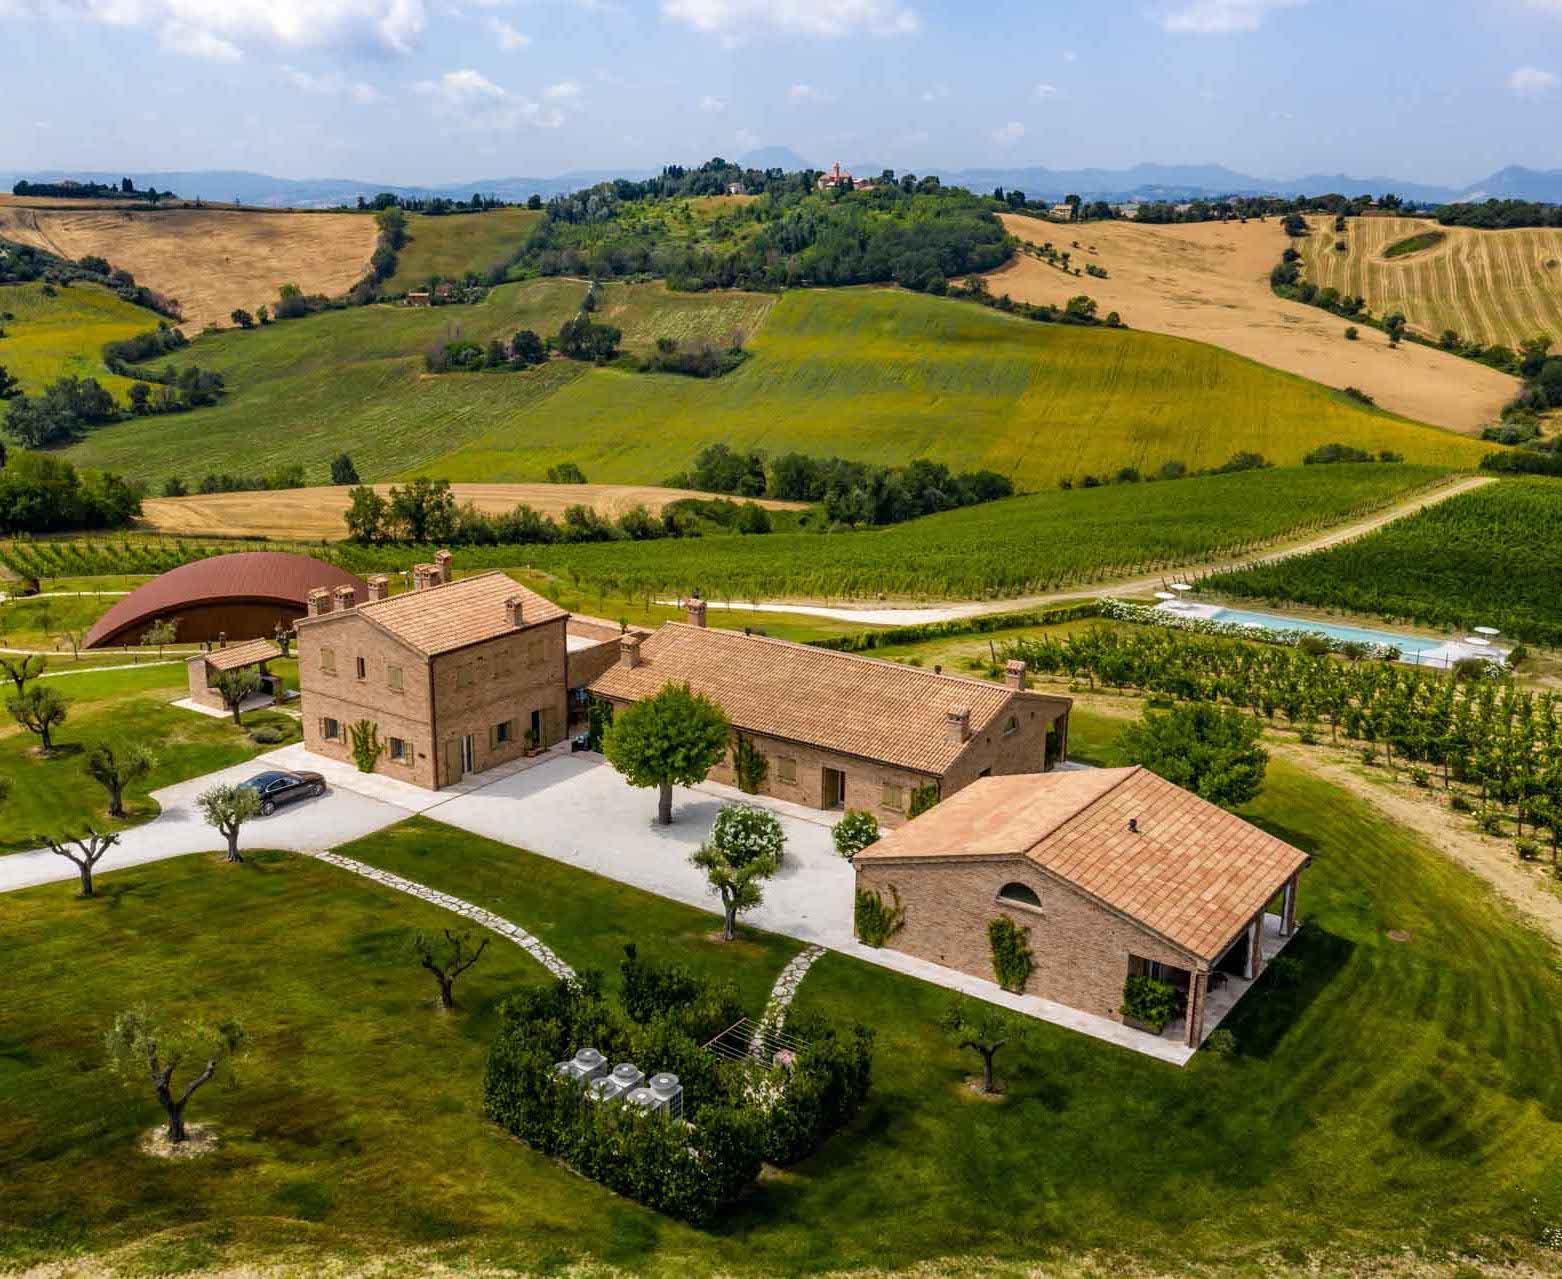 Le domaine Filodivino, son chai et sa piscine entourés de vignes © Filodivino